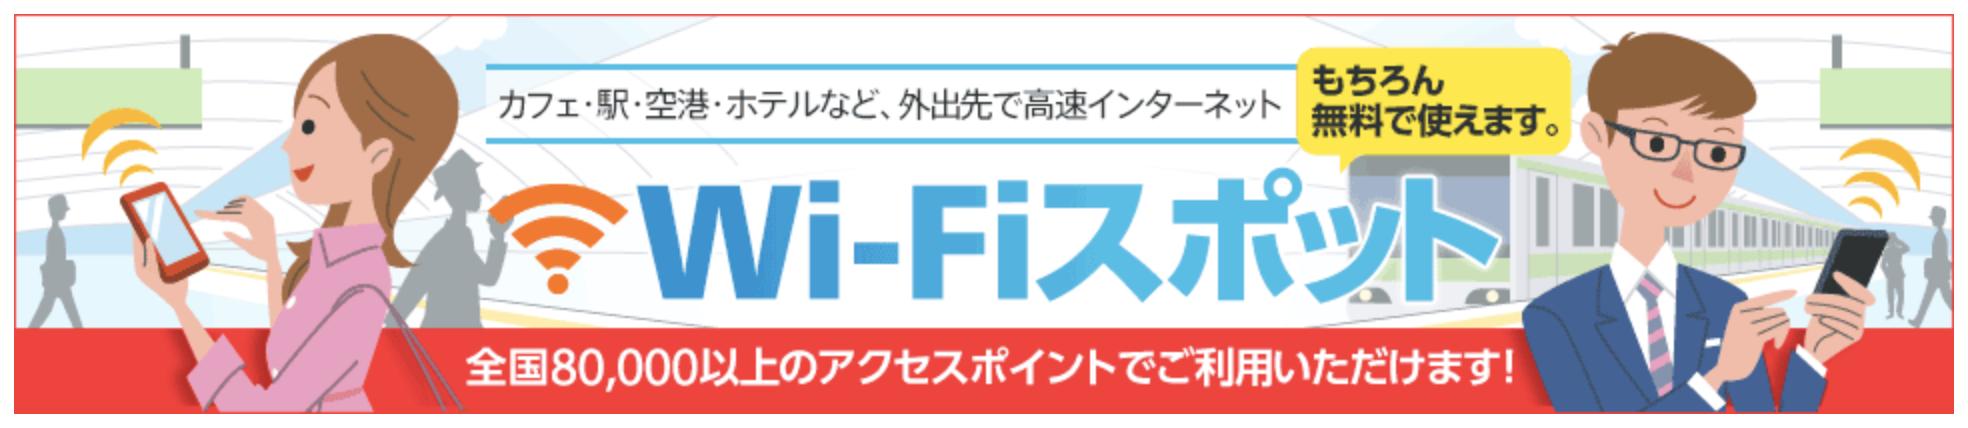 OCNモバイルのWi-fi